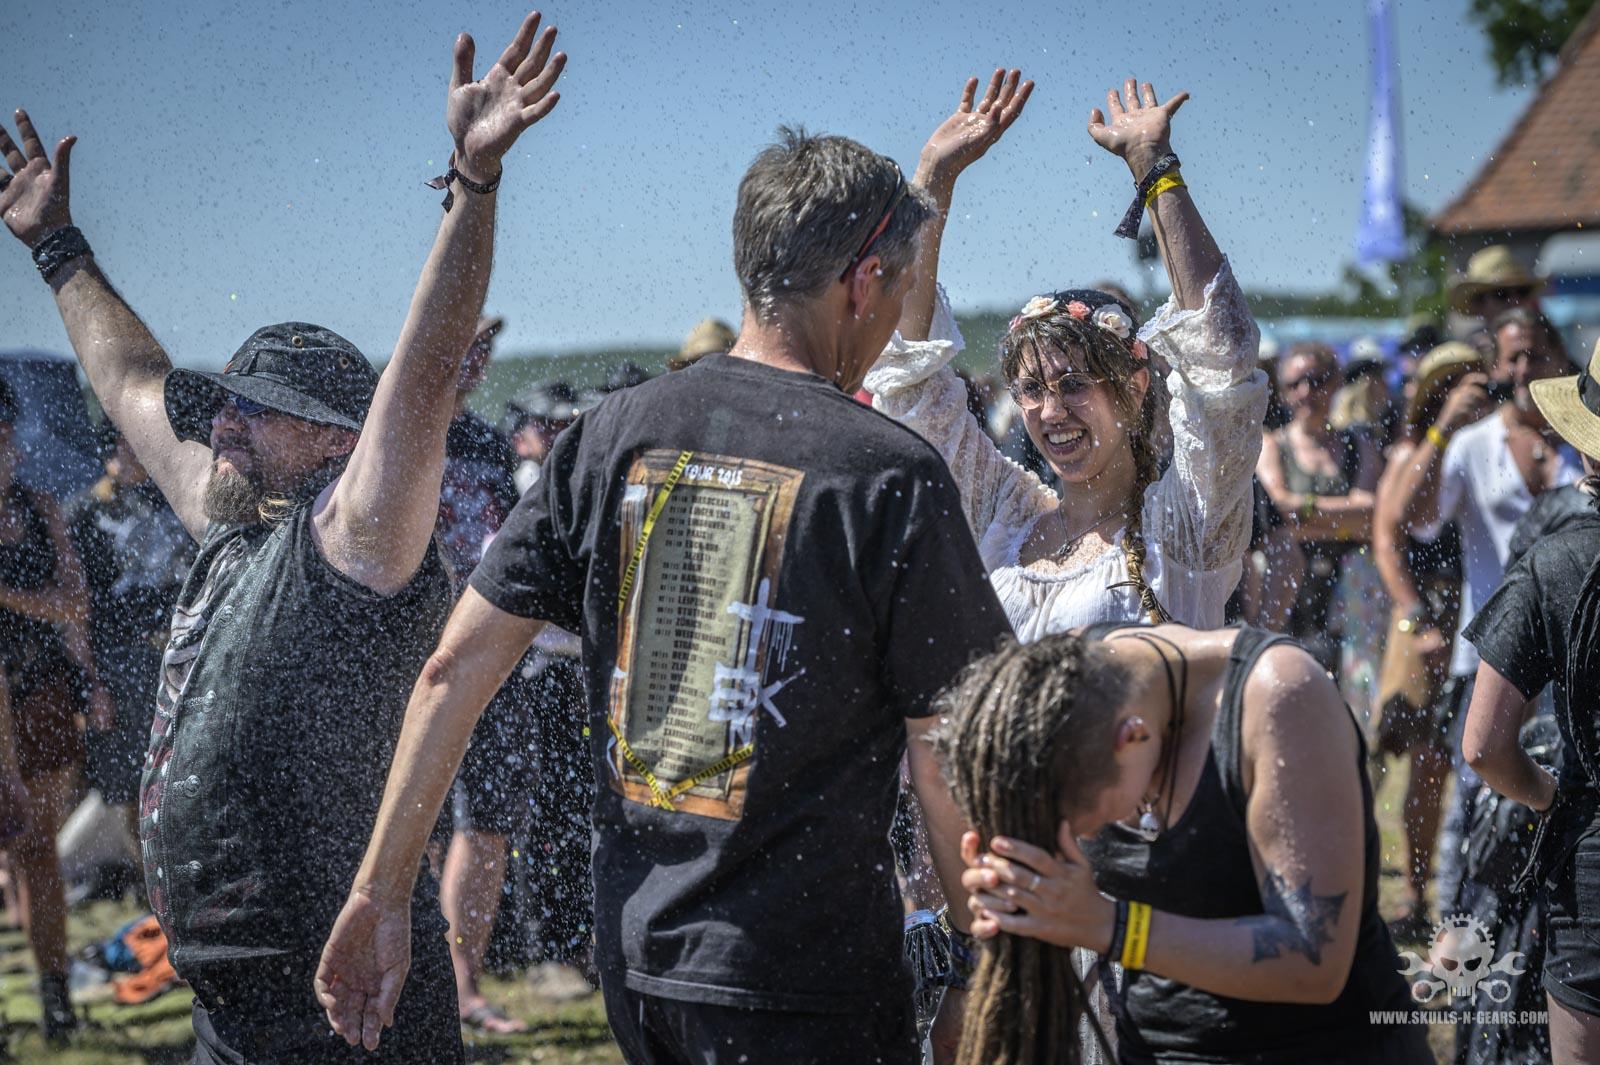 Feuertanz Festival 2019 - Besucher-815